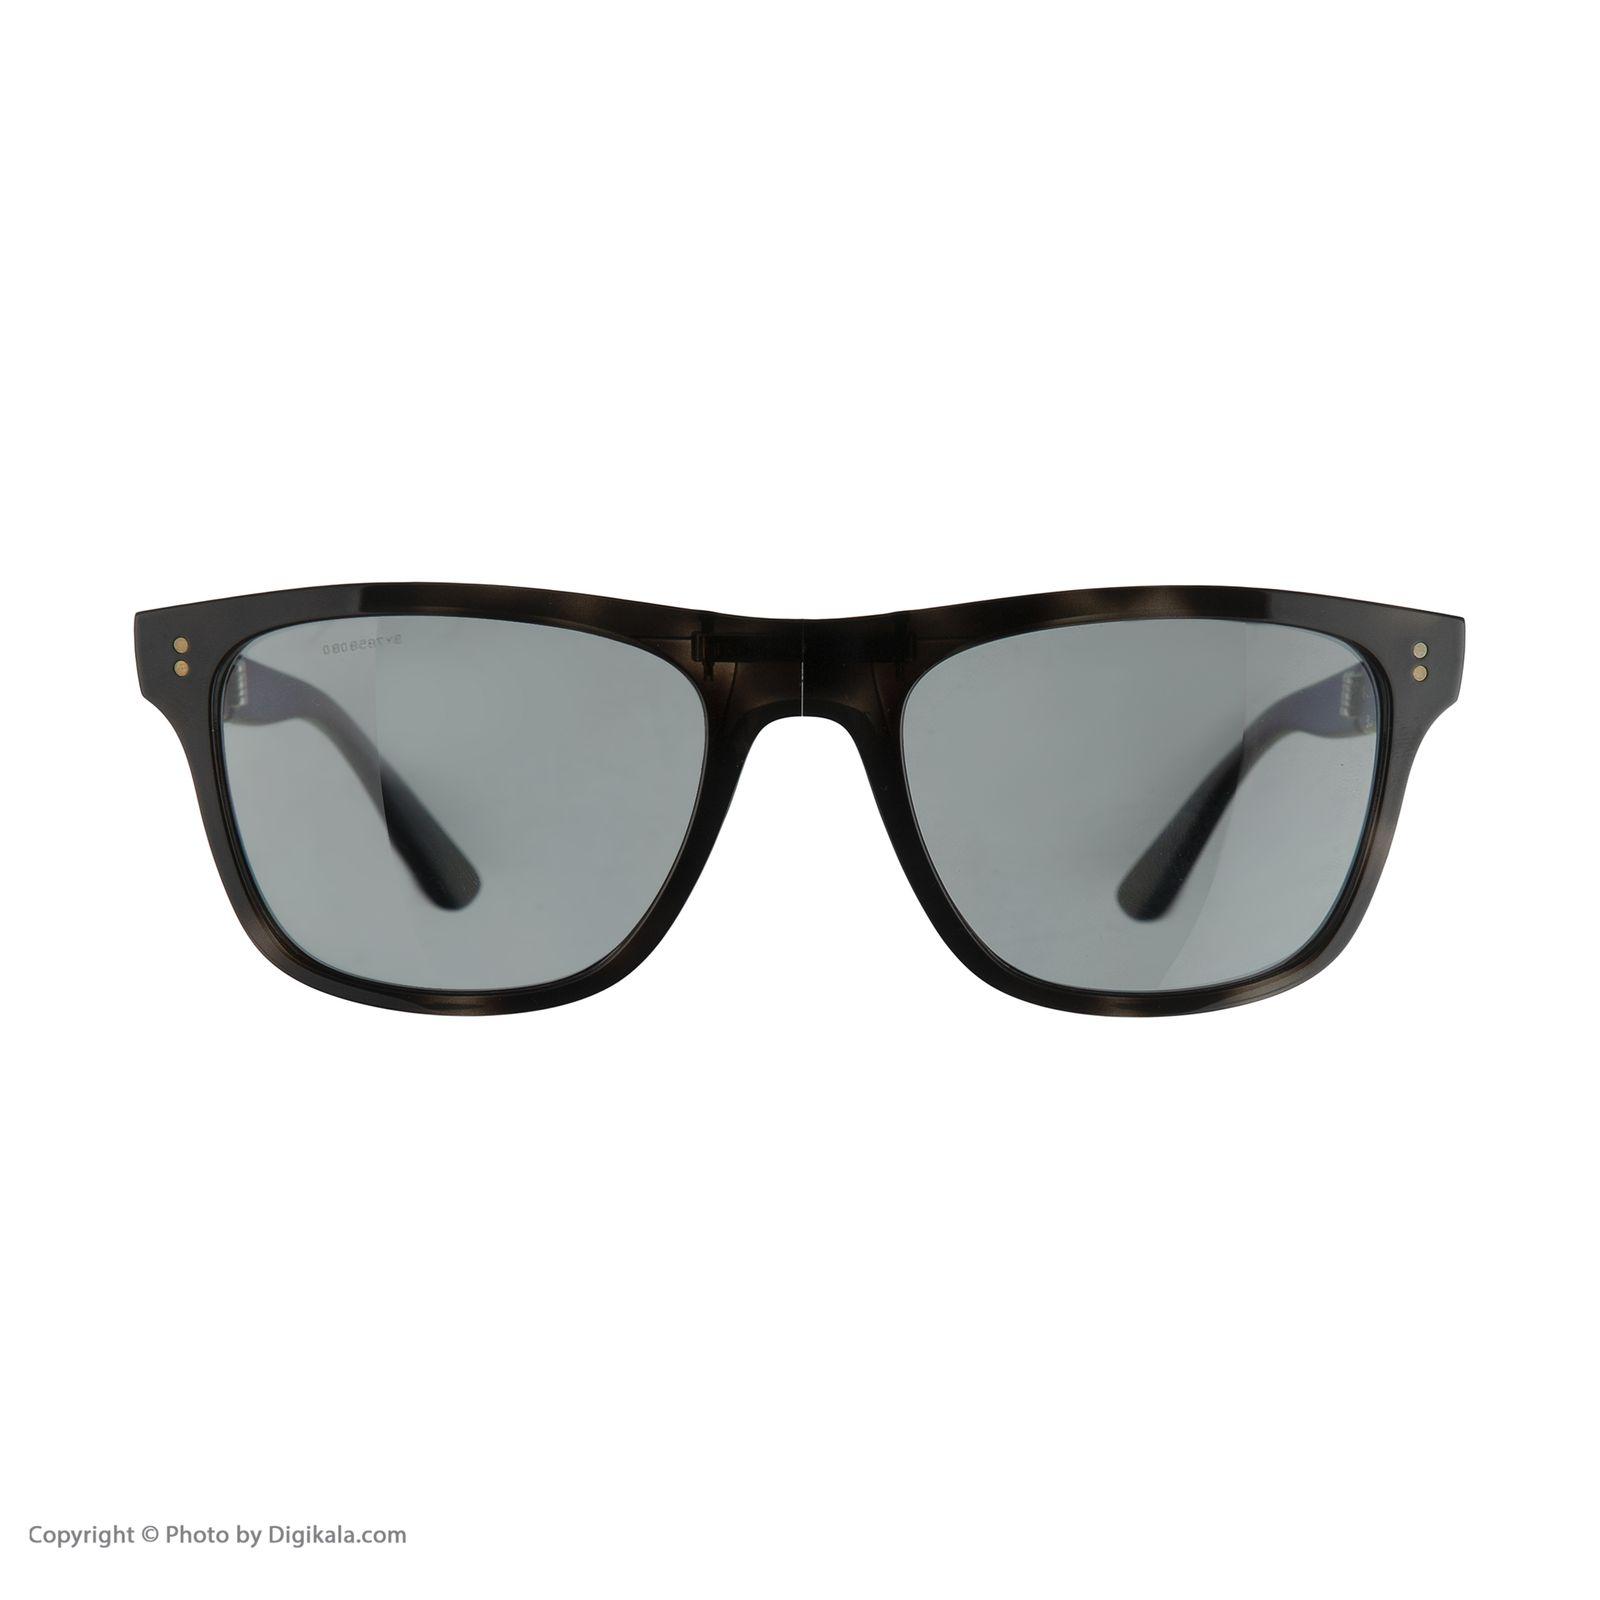 عینک آفتابی مردانه بربری مدل BE 4204S 3541T8 55 -  - 3